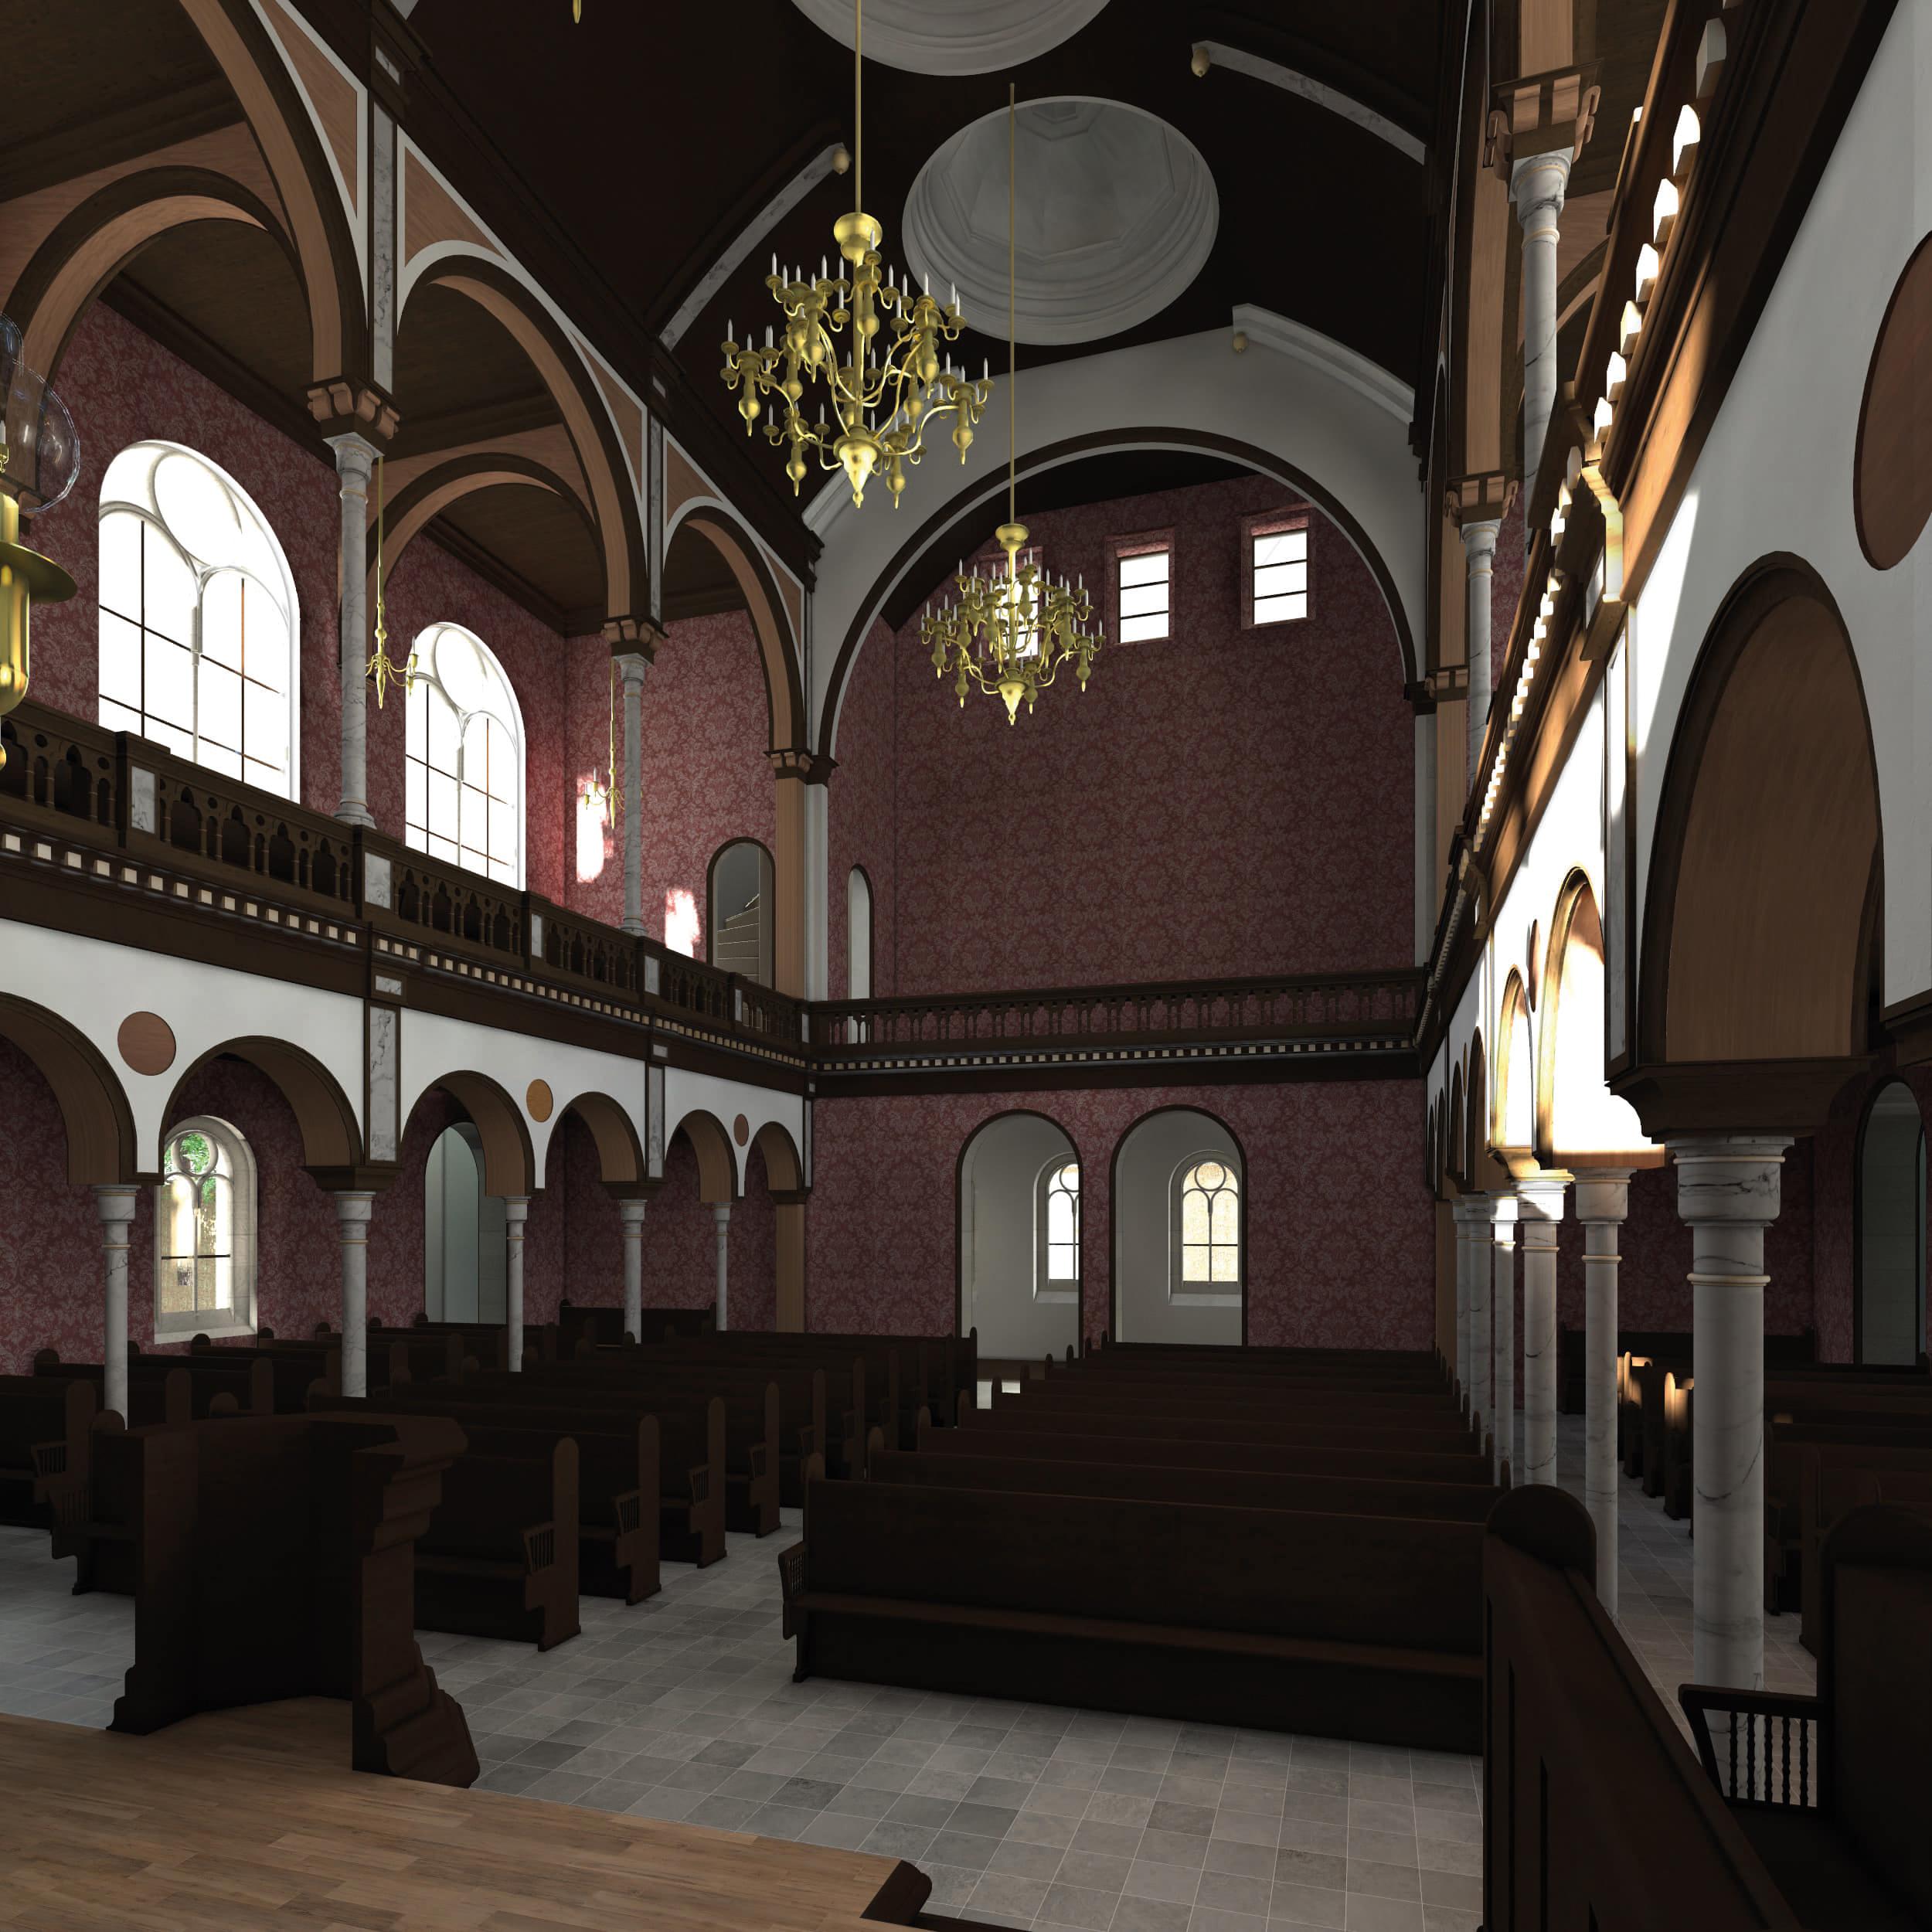 Visualisierung der Synagoge Marienbad, Innenansicht, Richtung Westen